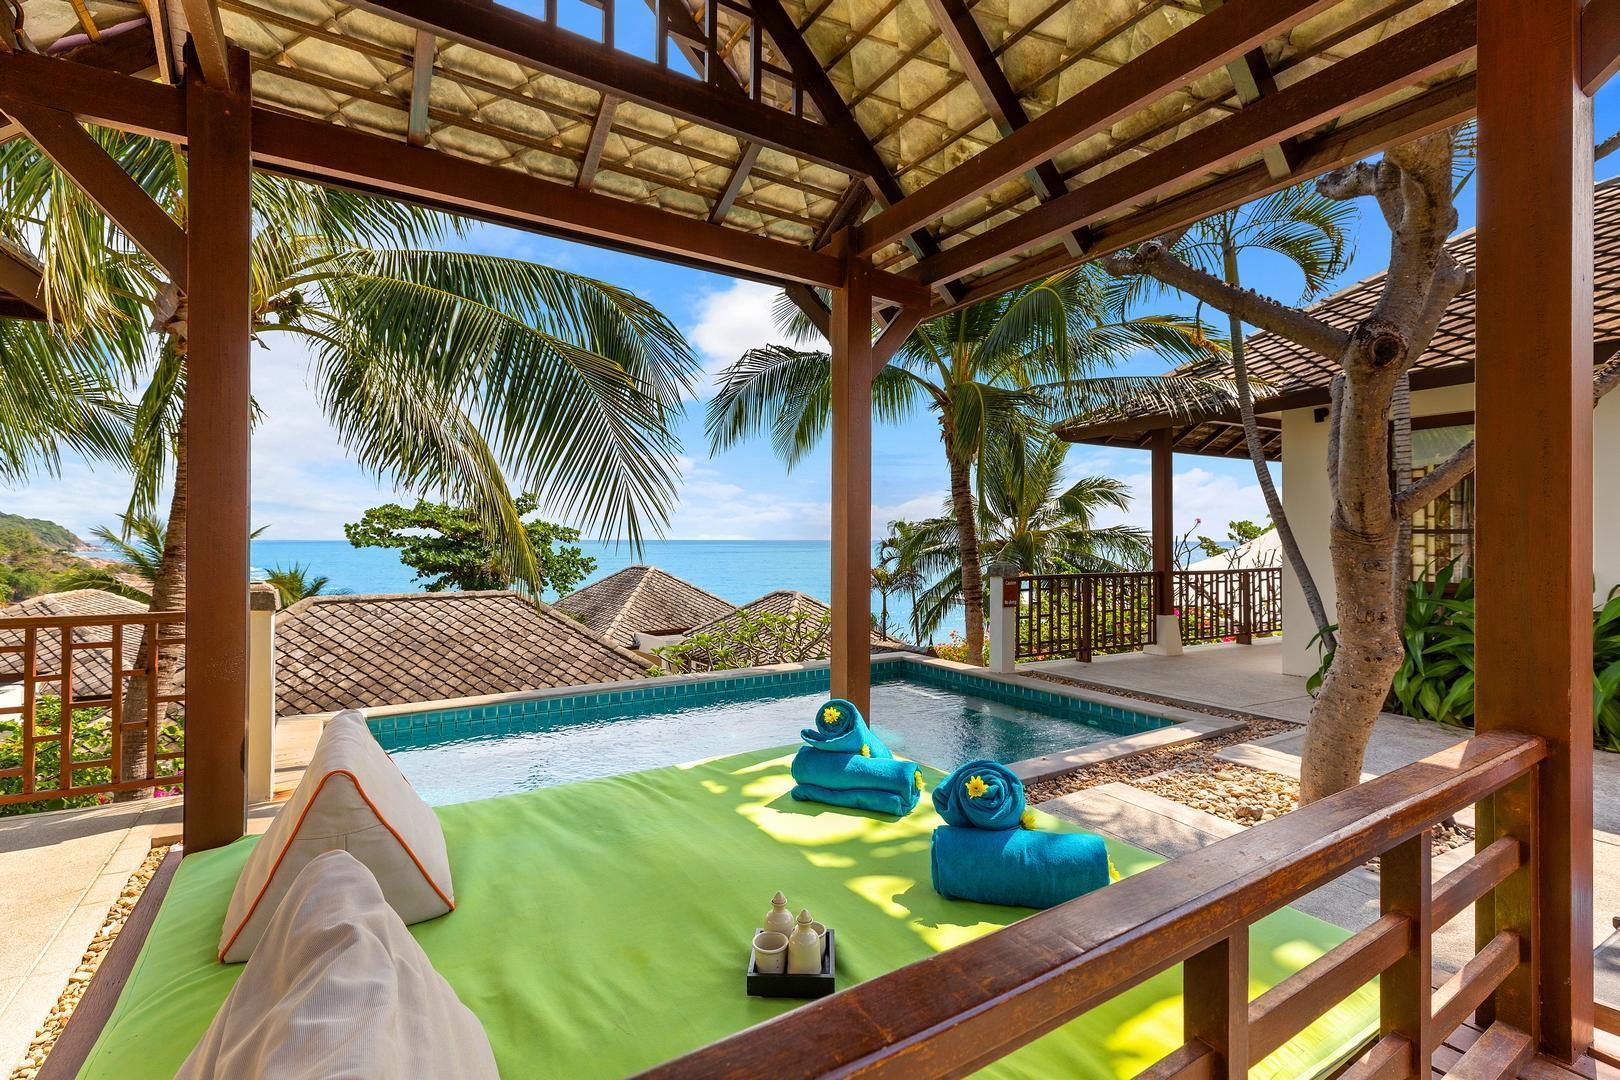 Aqua Vista วิลลา 6 ห้องนอน 6 ห้องน้ำส่วนตัว ขนาด 400 ตร.ม. – เชิงมน